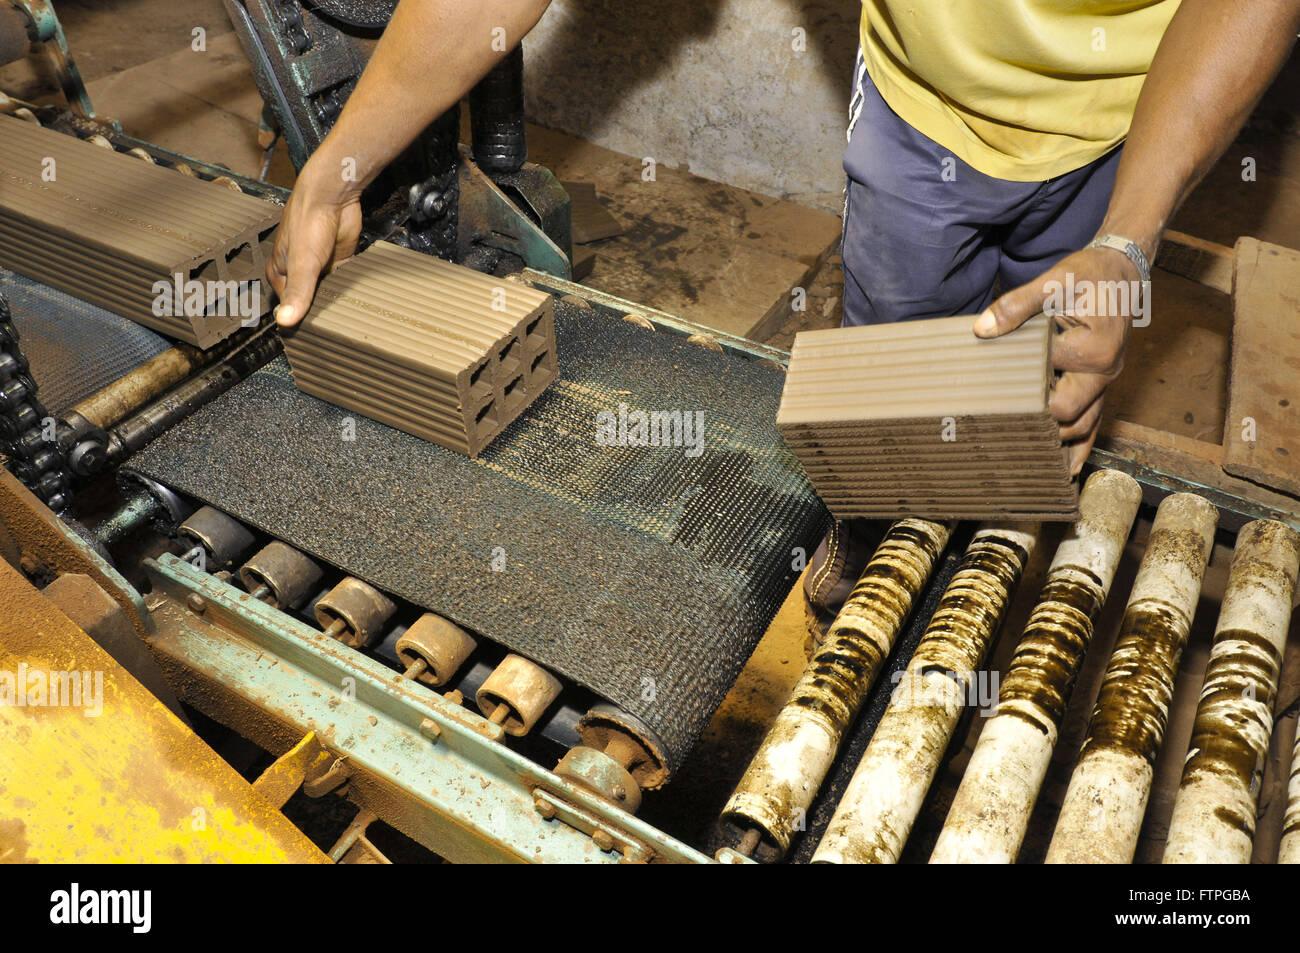 Fabricación de ladrillos de cerámica - la región áspera Imagen De Stock